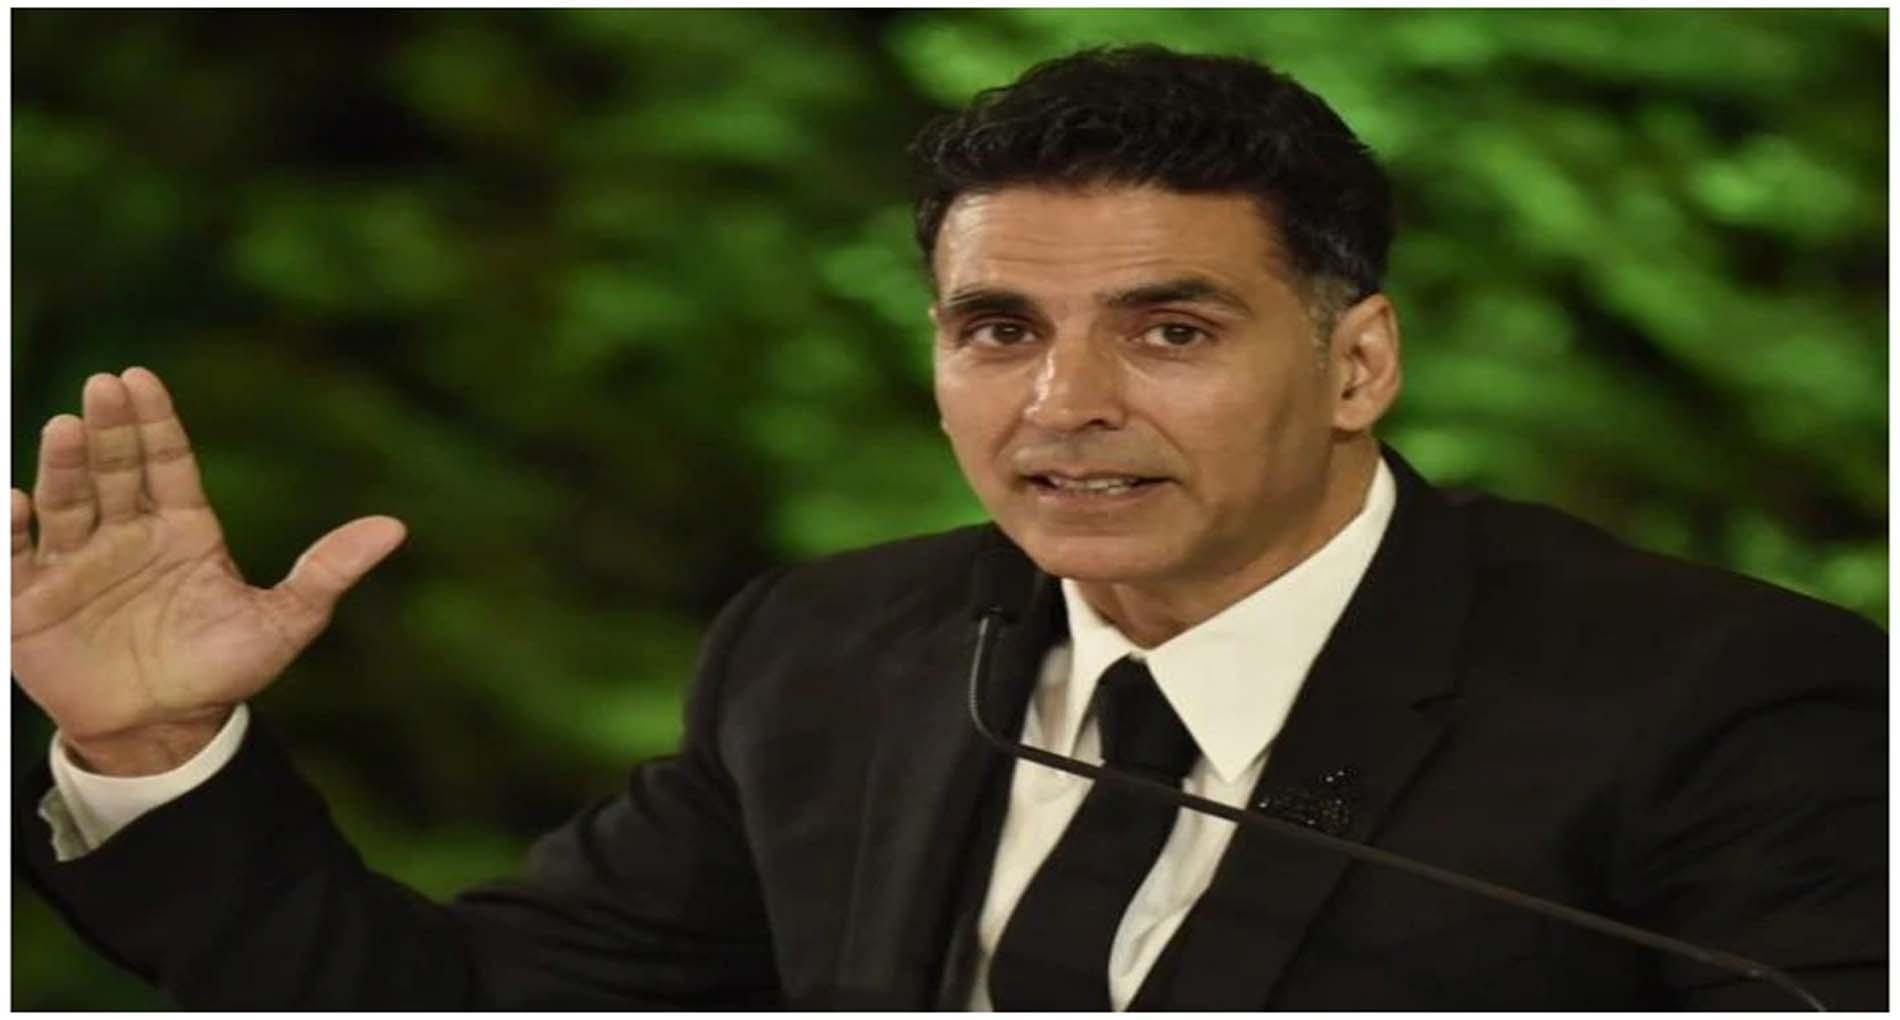 Akshay Kumar Corona Positive: कोरोना की चपेट में आए अक्षय कुमार, कहा- 'घर में हूं क्वारंटीन'